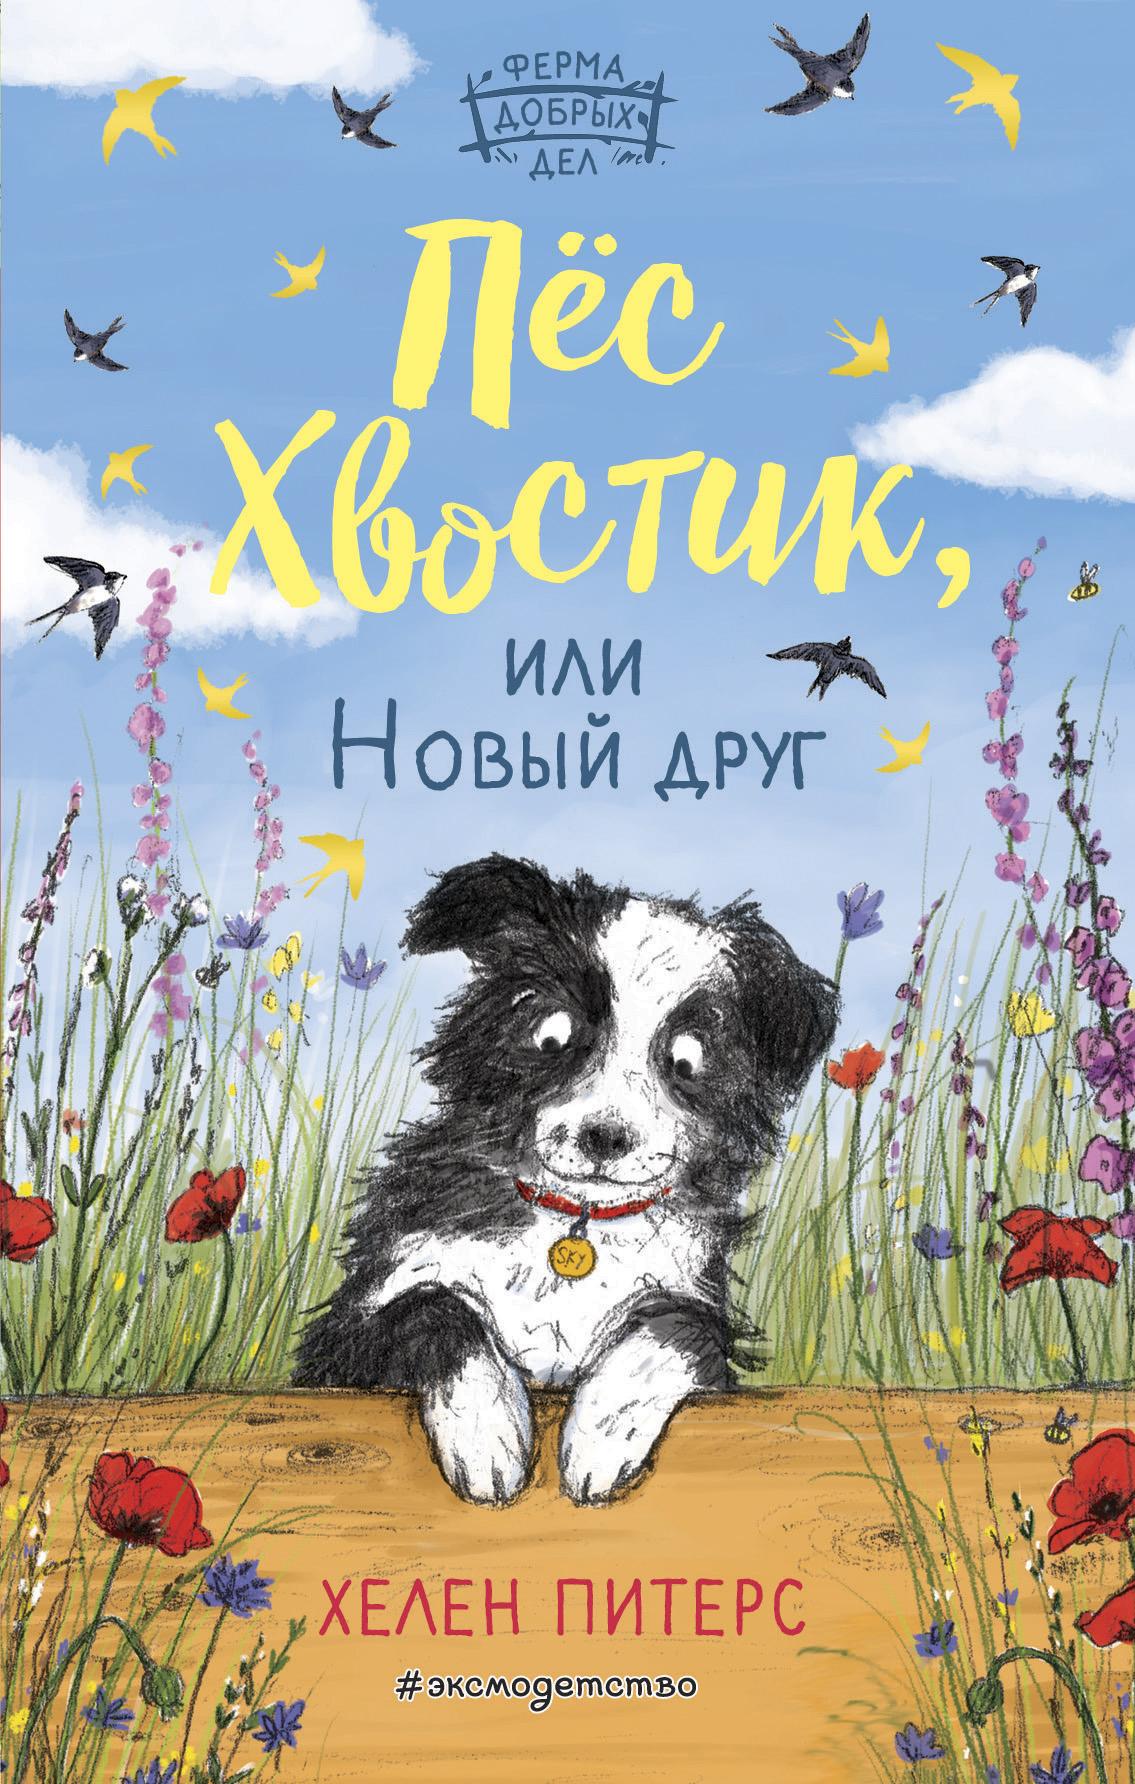 Купить книгу Пёс Хвостик, или Новый друг, автора Хелен Питерс